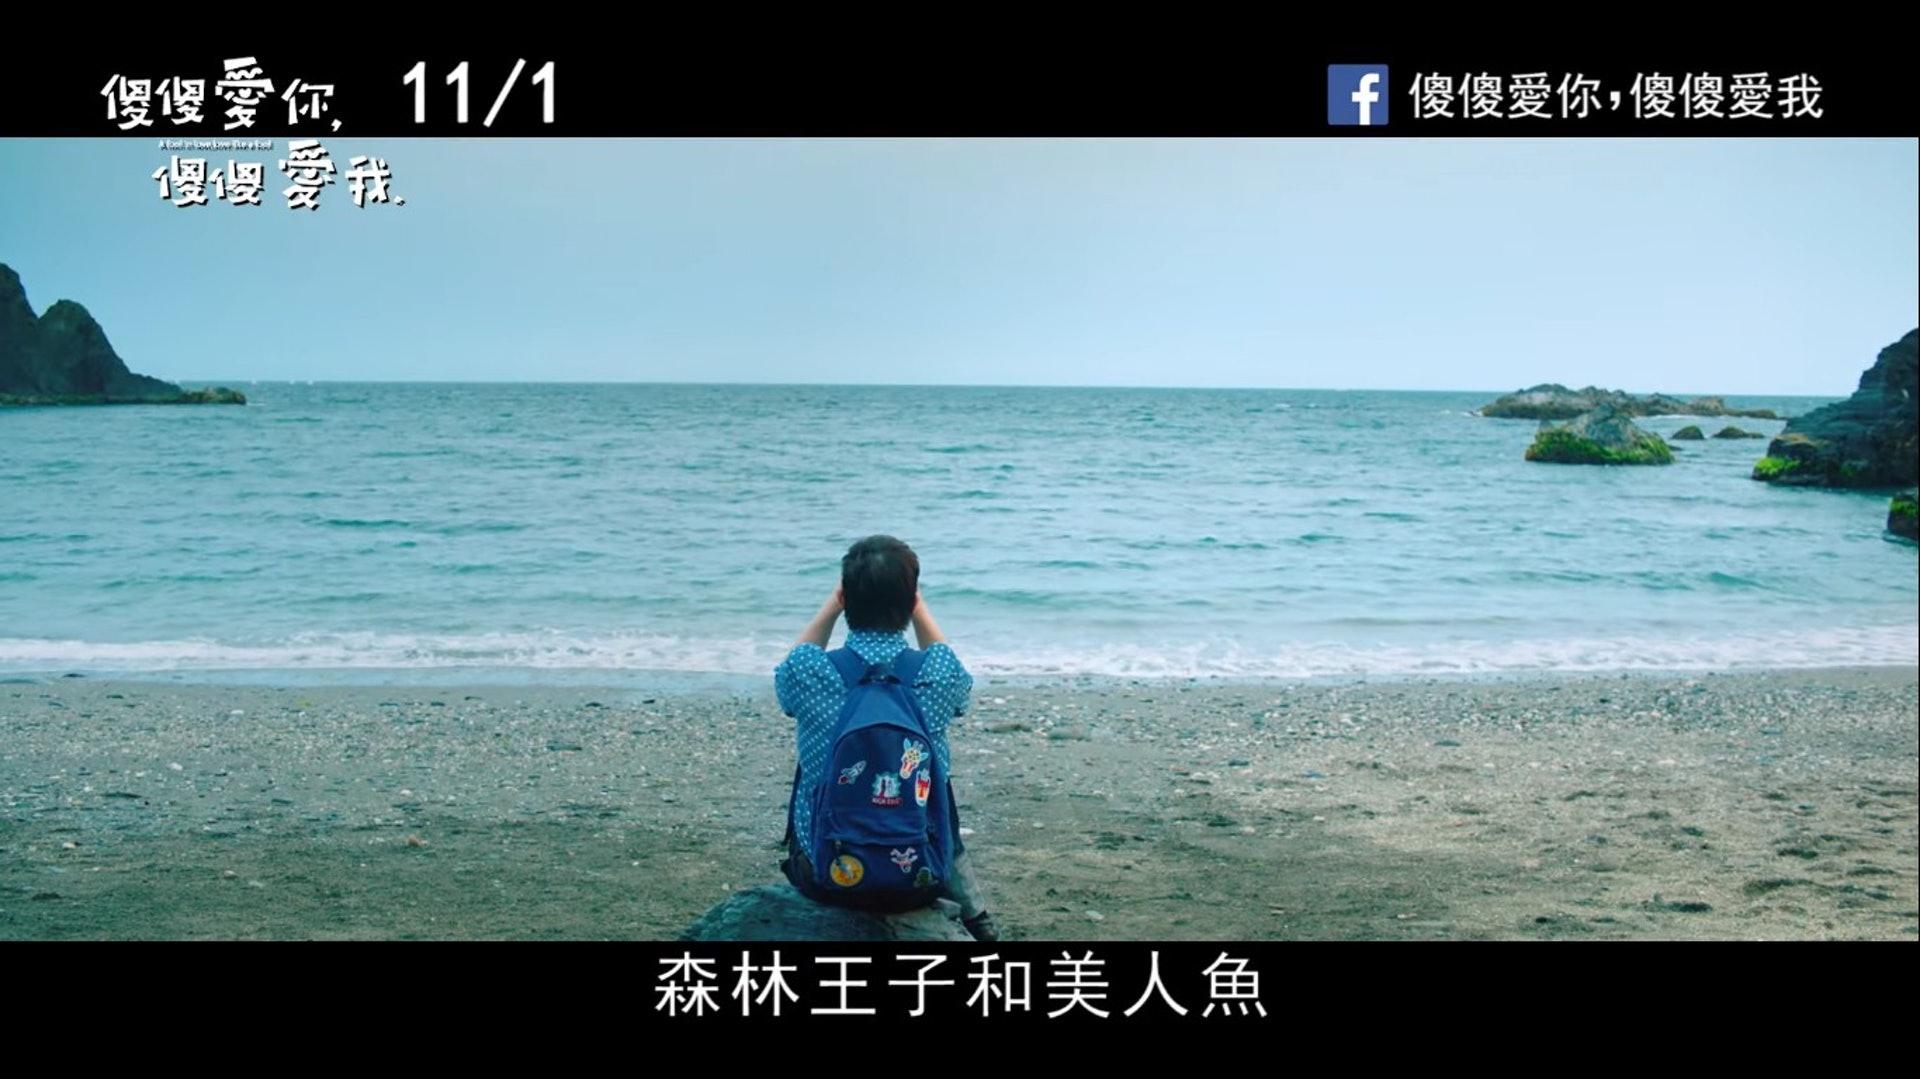 電影講述智障青年與援交少女的愛情故事。(電影《傻傻愛你,傻傻愛我》預告)